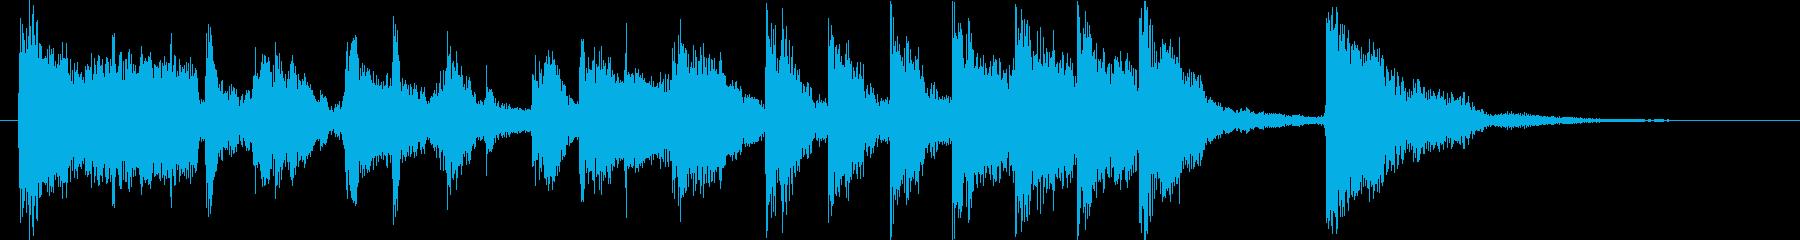 元気なラテン/マンボのジングルの再生済みの波形